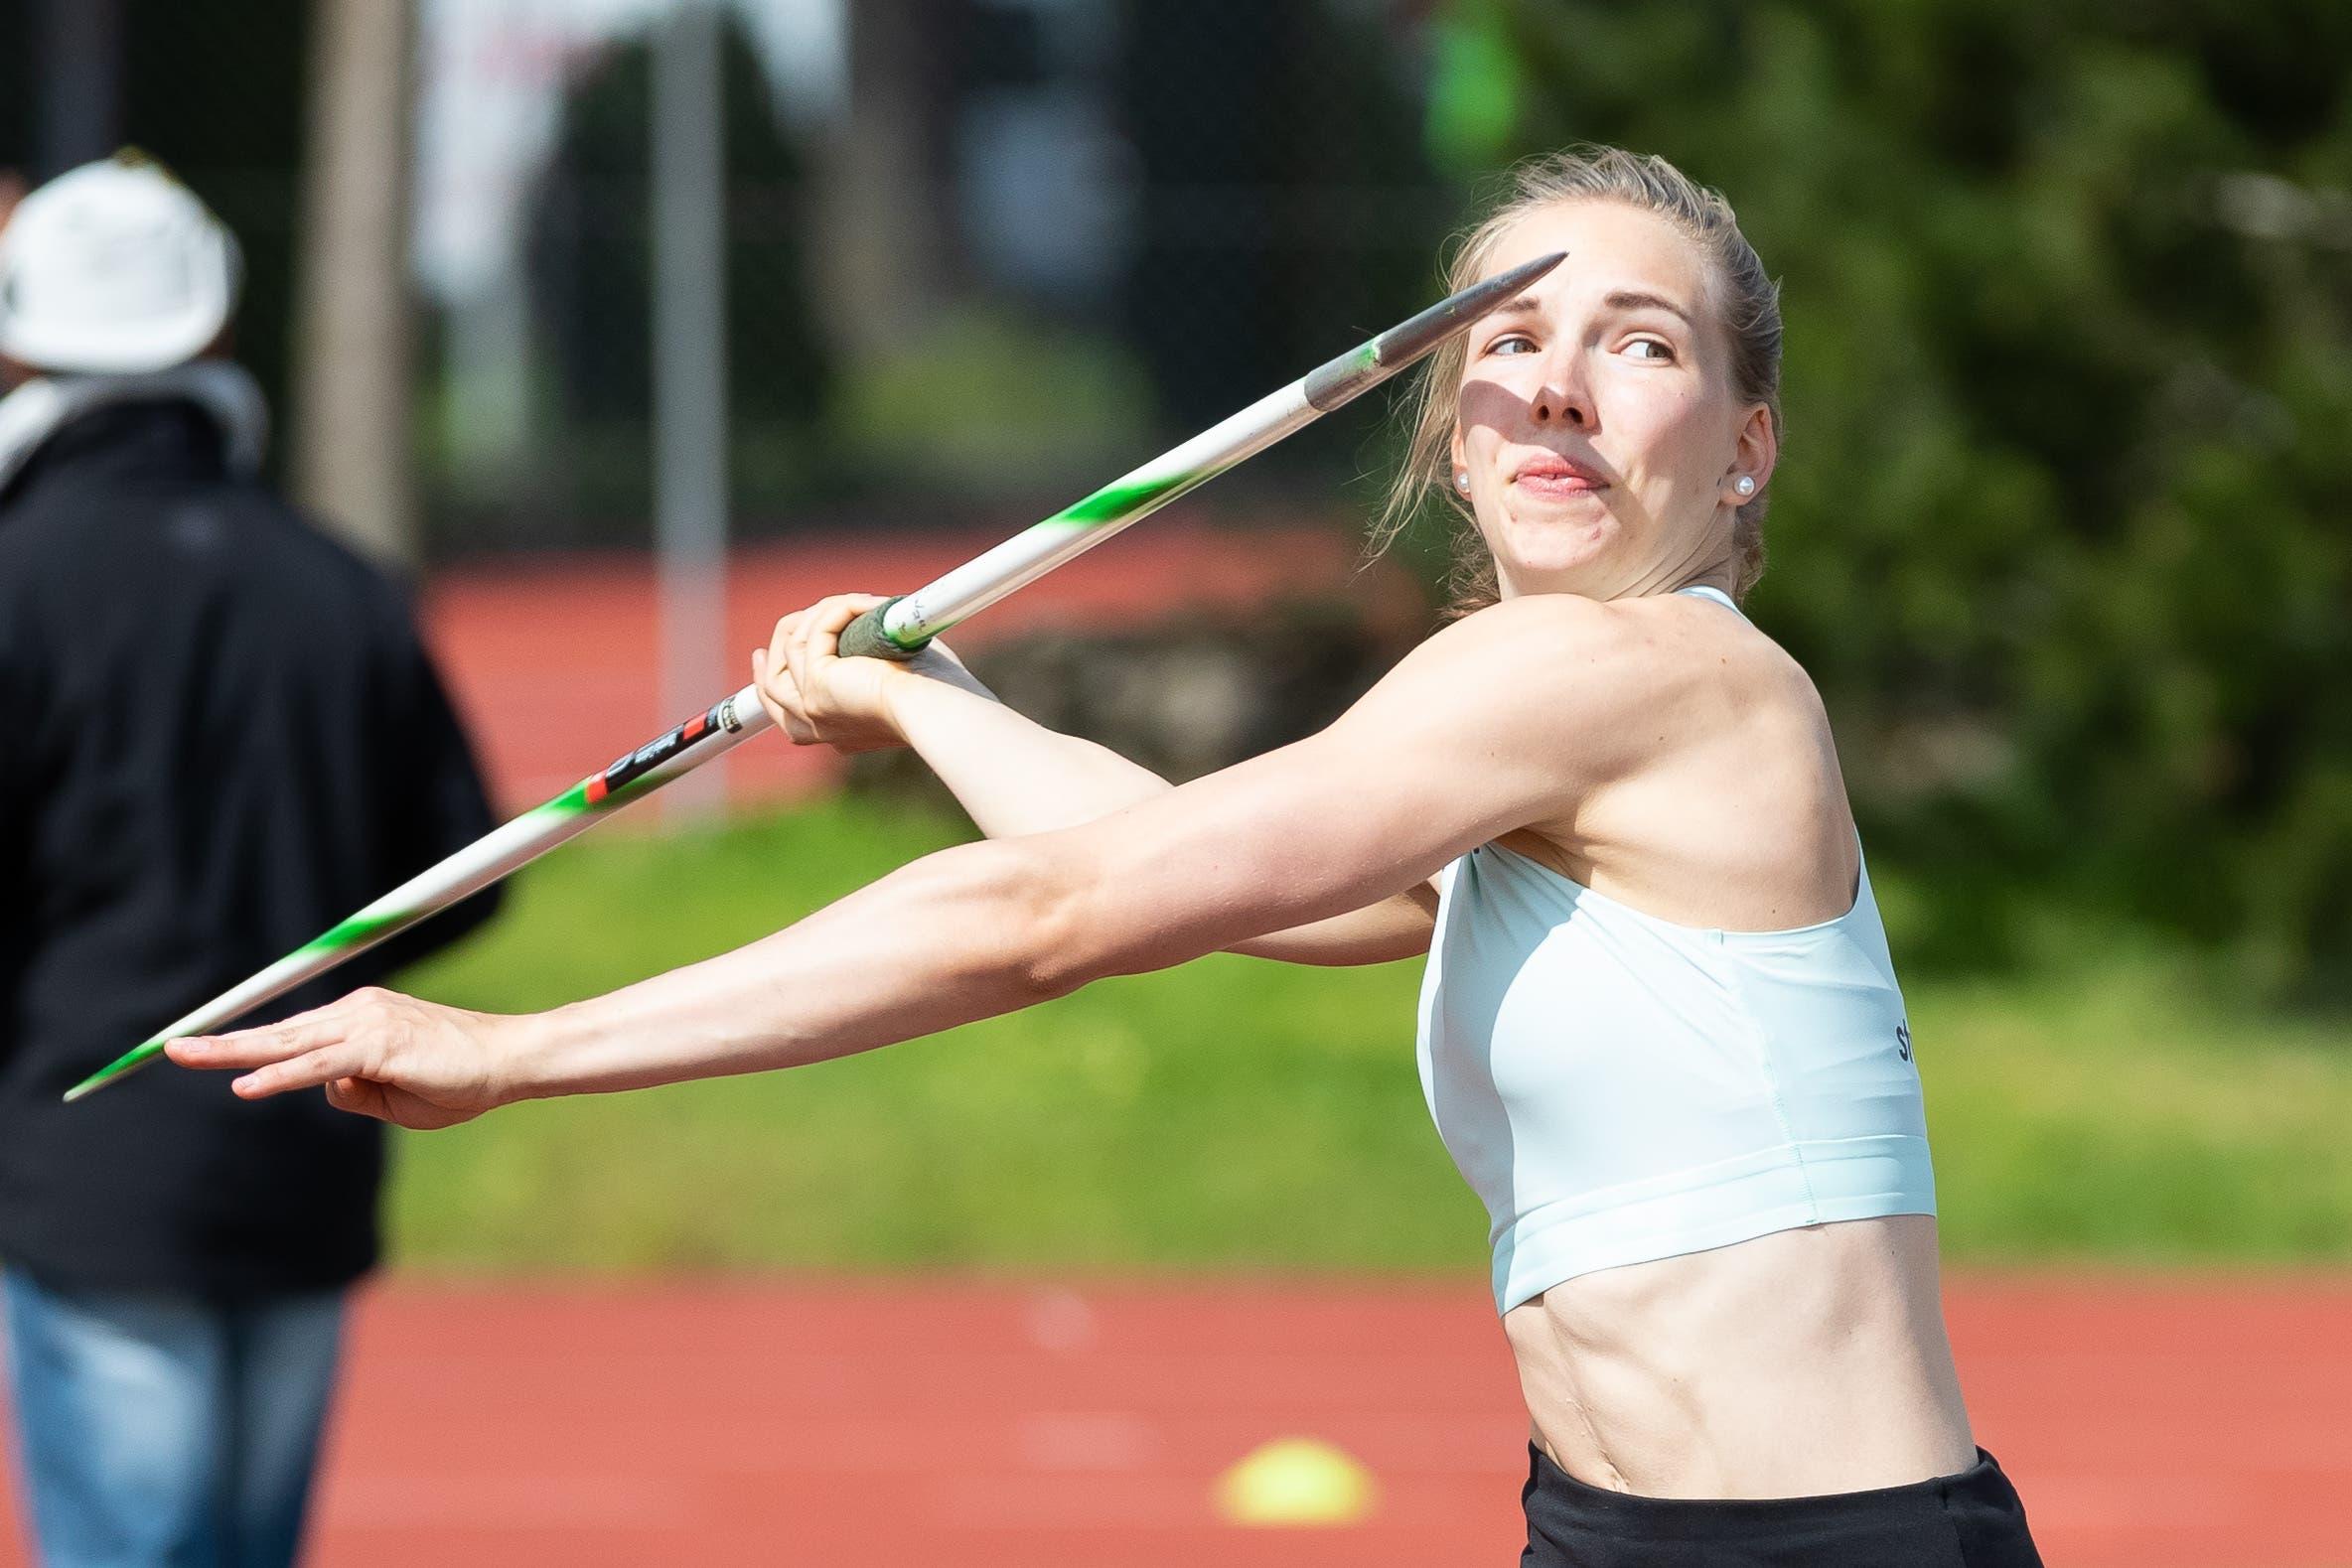 Géraldine Ruckstuhl qualifiziert sich im Speerwurf für die U23-EM in Schweden. (Bild: Roger Zbinden, Cham, 27. April 2019)